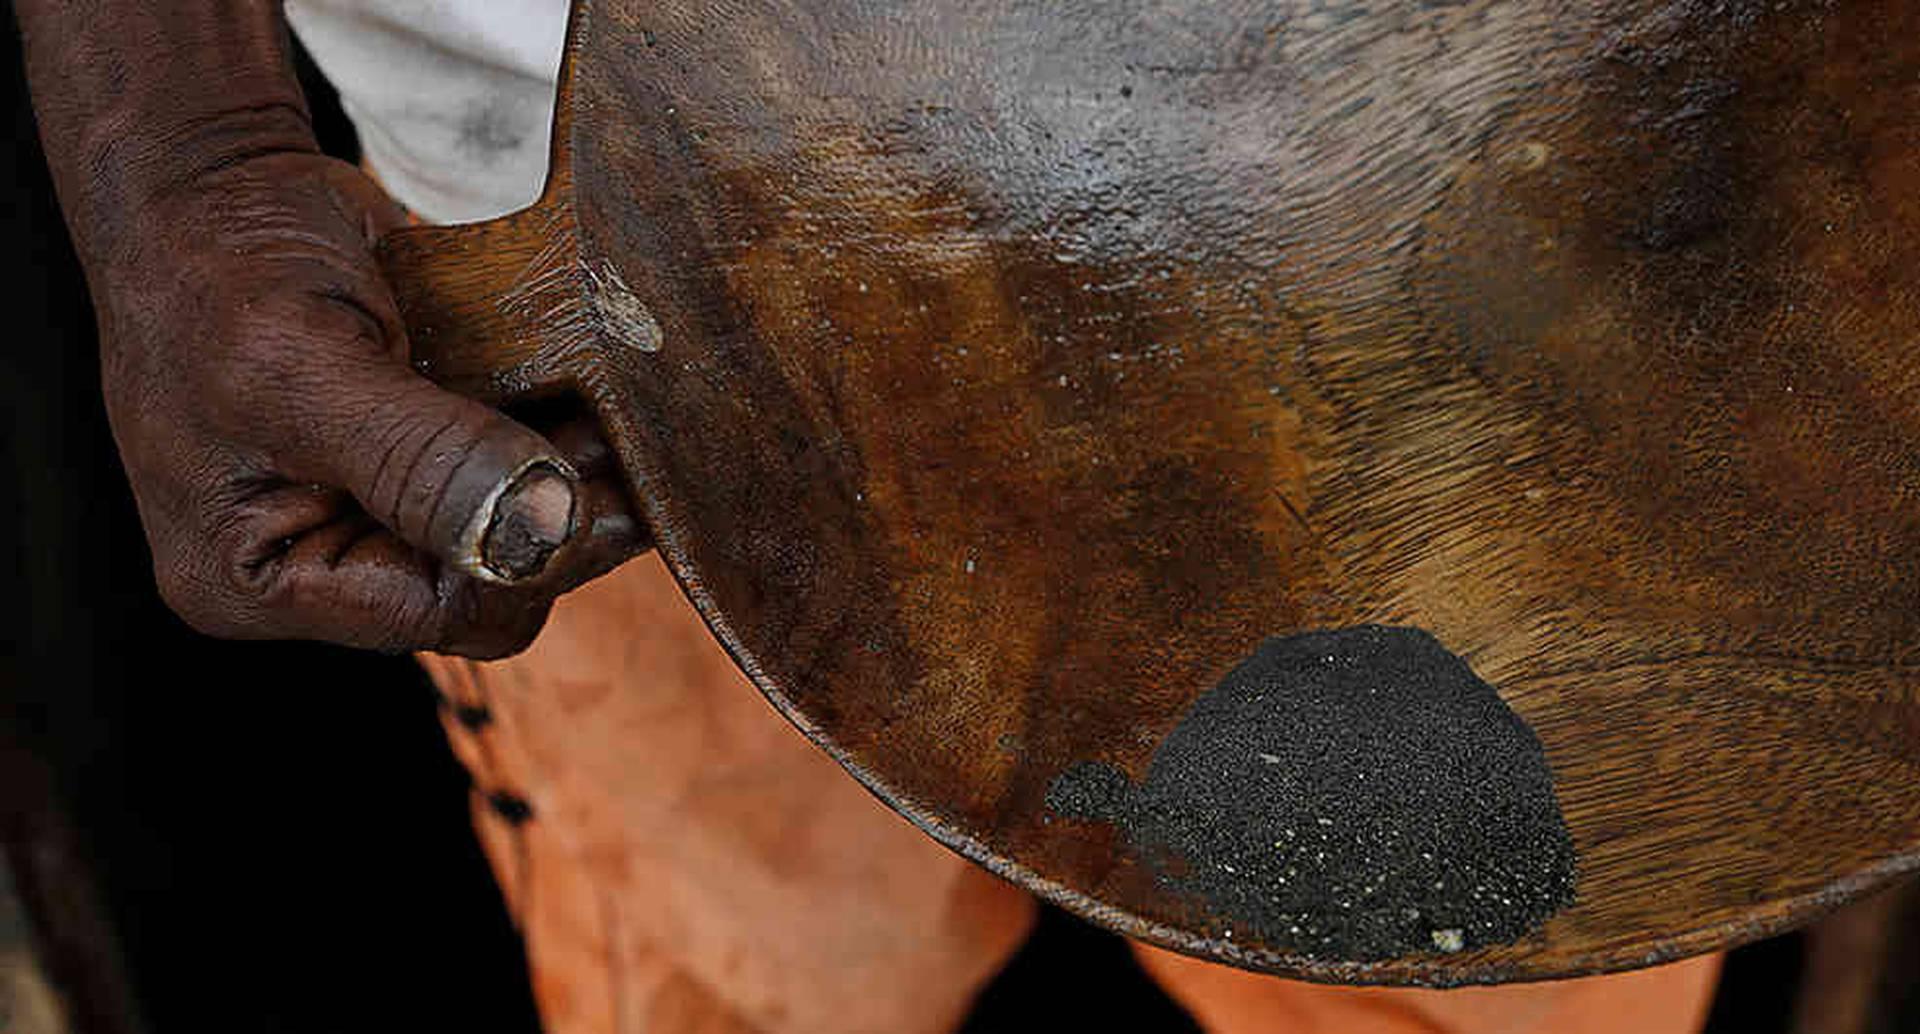 El mercurio se encuentra en la minería y algunos procesos industriales. Foto: Archivo Semana